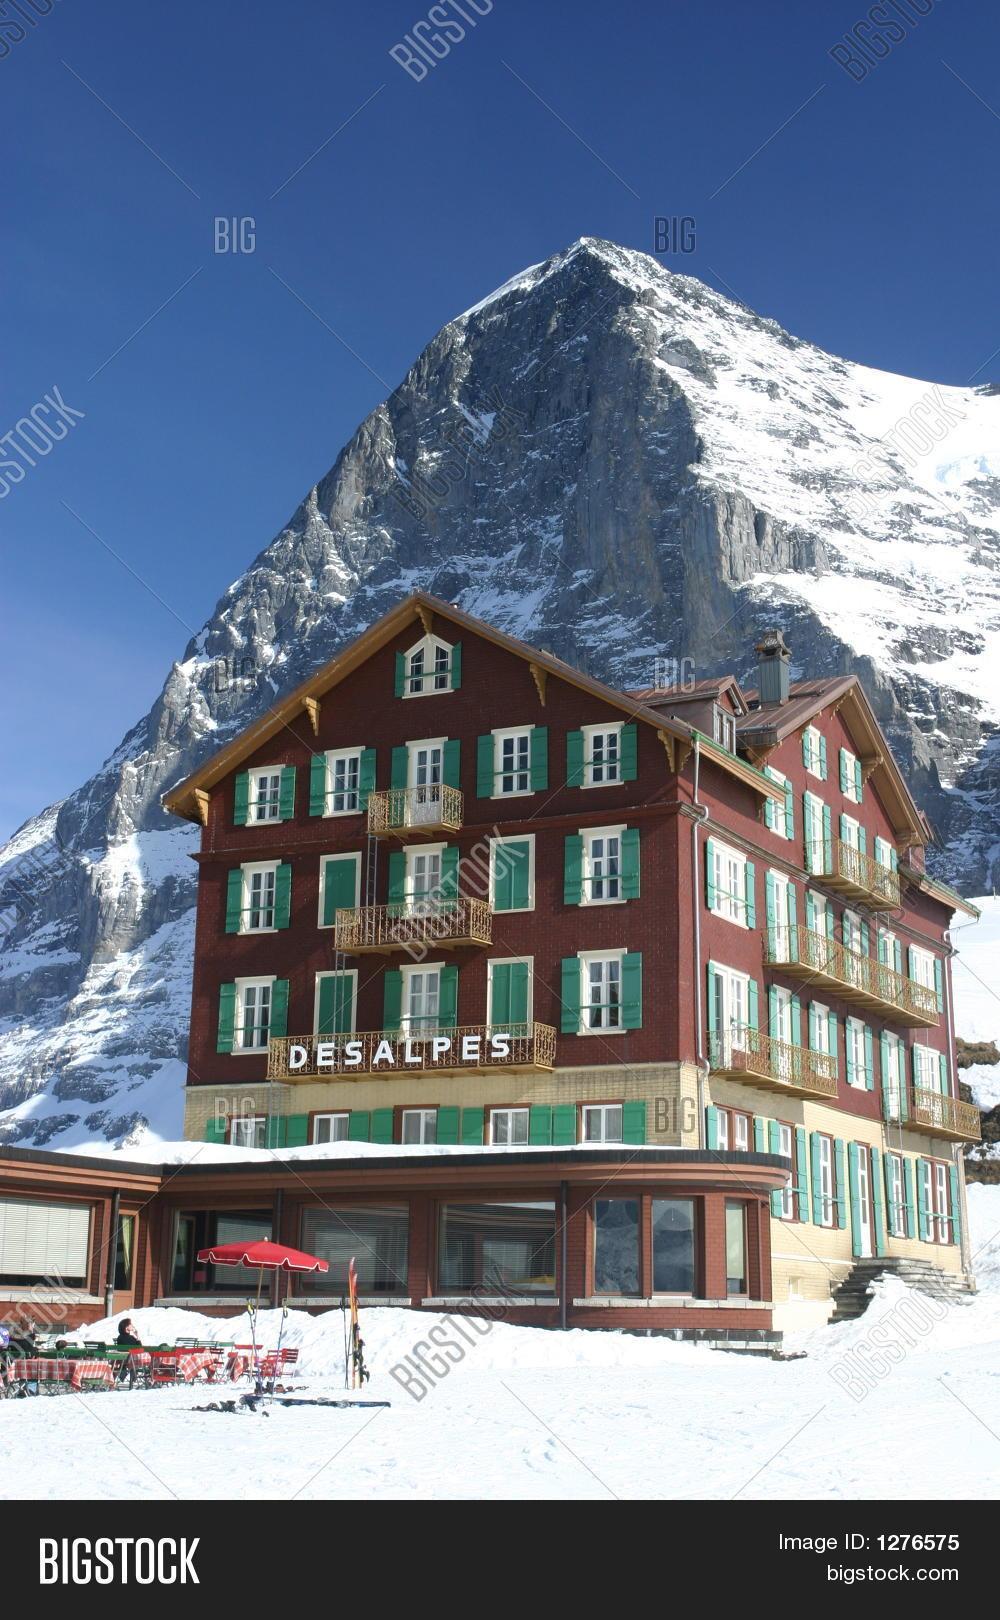 hotel bellevue des alpes eiger image photo bigstock. Black Bedroom Furniture Sets. Home Design Ideas